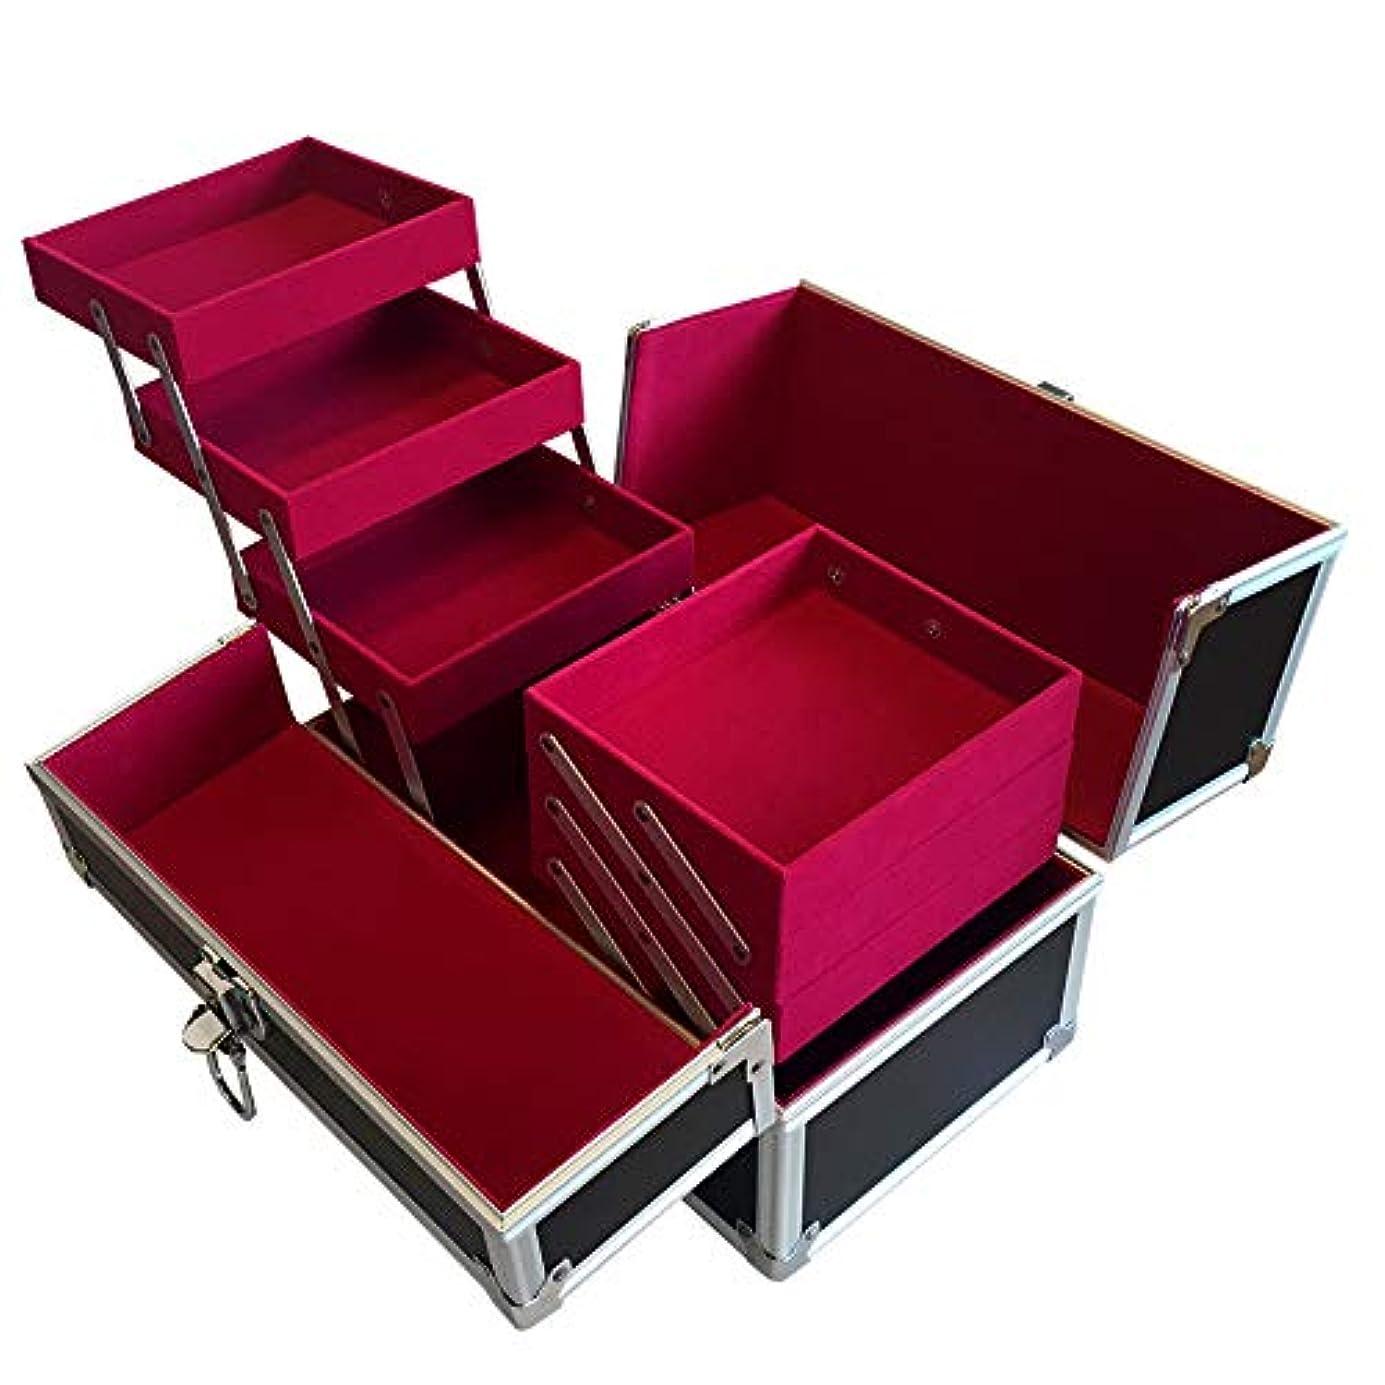 熟練した生き残りますアメリカリライアブル コスメボックス RB002-BKVP 鍵付き プロ仕様 メイクボックス 大容量 化粧品収納 小物入れ 6段トレー ベロア メイクケース コスメBOX 持ち運び ネイルケース